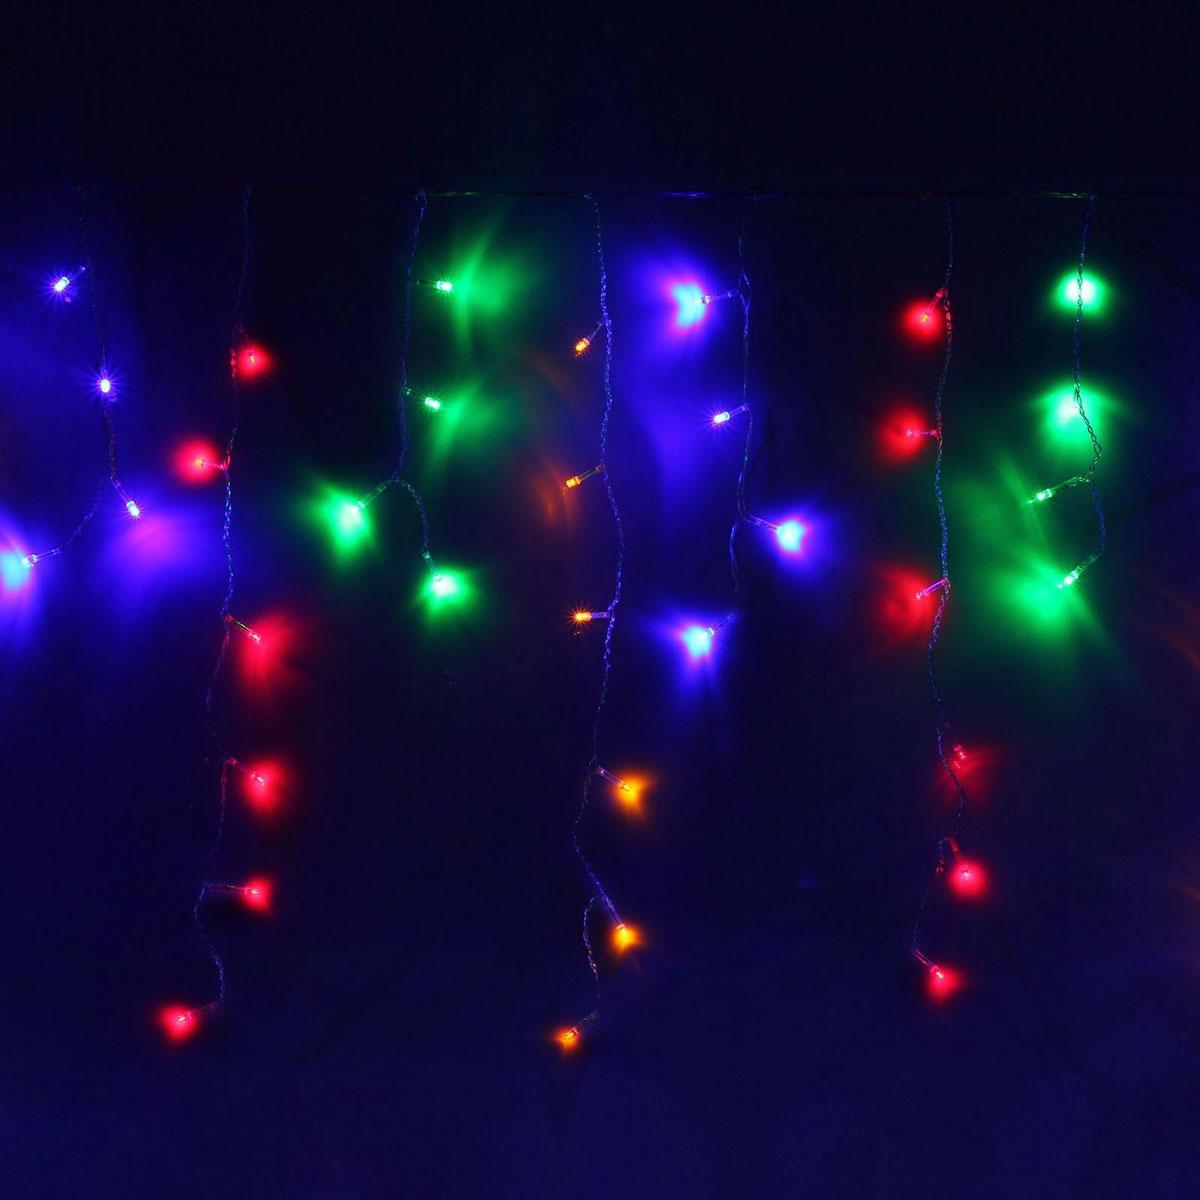 Гирлянда светодиодная Luazon Бахрома, 8 режимов, 60 ламп, 220 V, цвет: мультиколор, 1,2 х 0,6 м. 706000706000Гирлянда светодиодная Бахрома - это отличный вариант для новогоднего оформления интерьера или фасада. С ее помощью помещение любого размера можно превратить в праздничный зал, а внешние элементы зданий, украшенные гирляндой, мгновенно станут напоминать очертания сказочного дворца. Такое украшение создаст ауру предвкушения чуда. Деревья, фасады, витрины, окна и арки будто специально созданы, чтобы вы украсили их светящимися нитями.